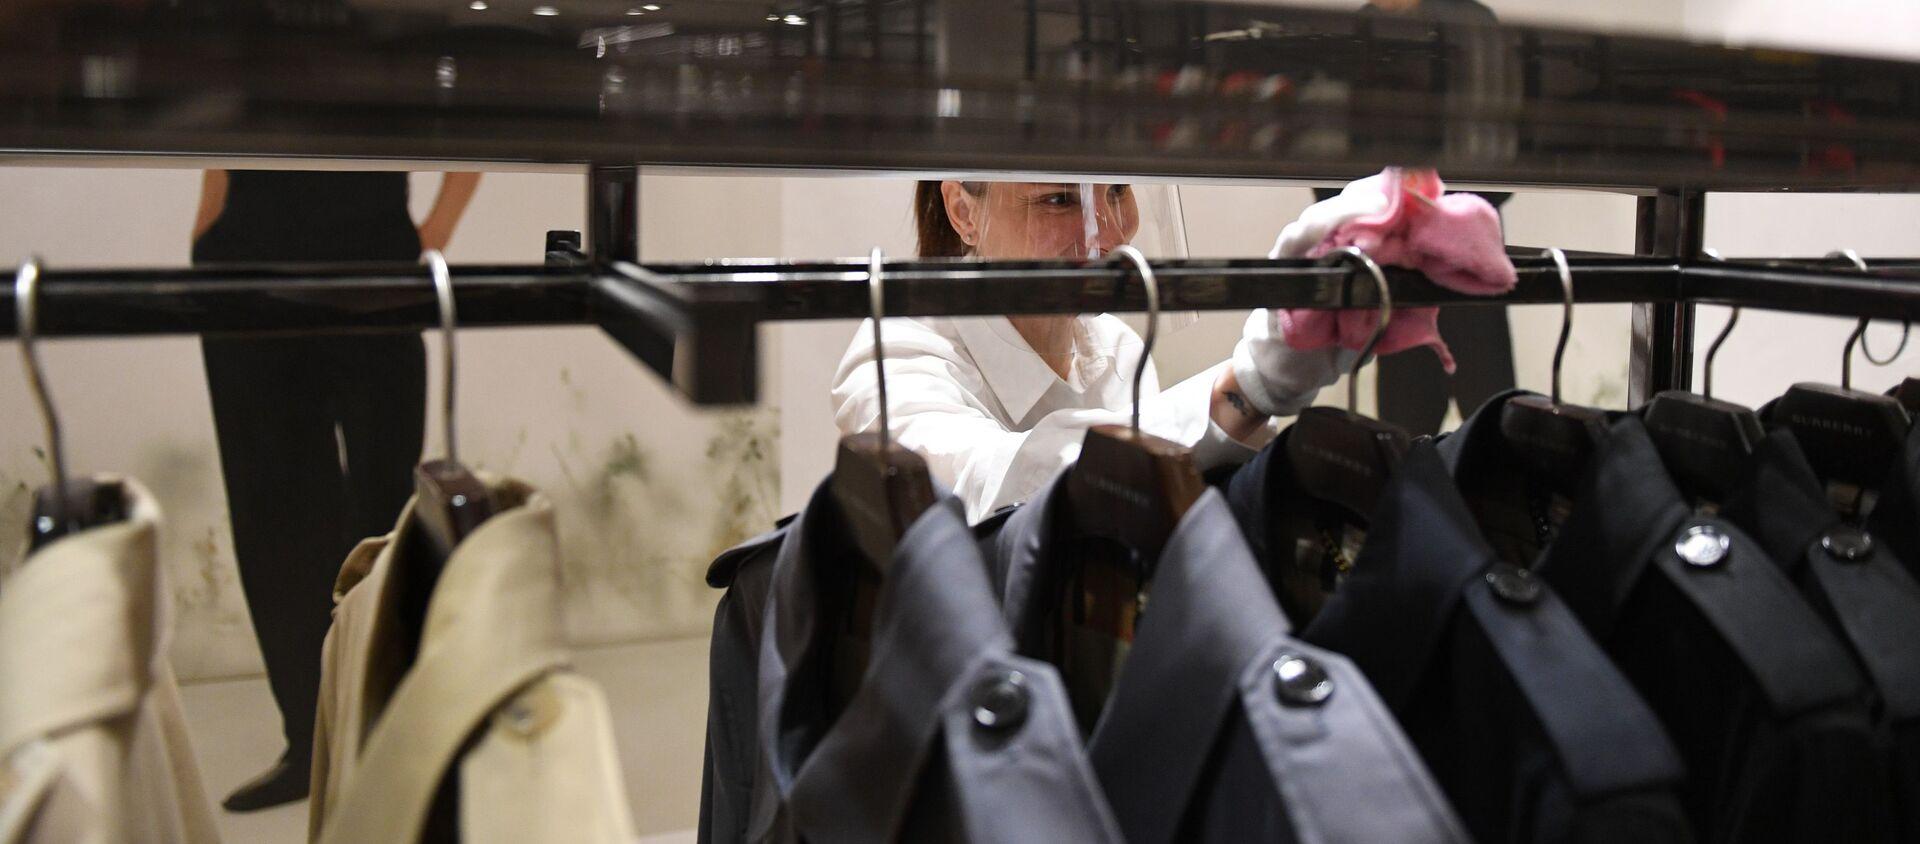 Продавец протирает вешалку в магазине одежды - Sputnik Азербайджан, 1920, 23.04.2021